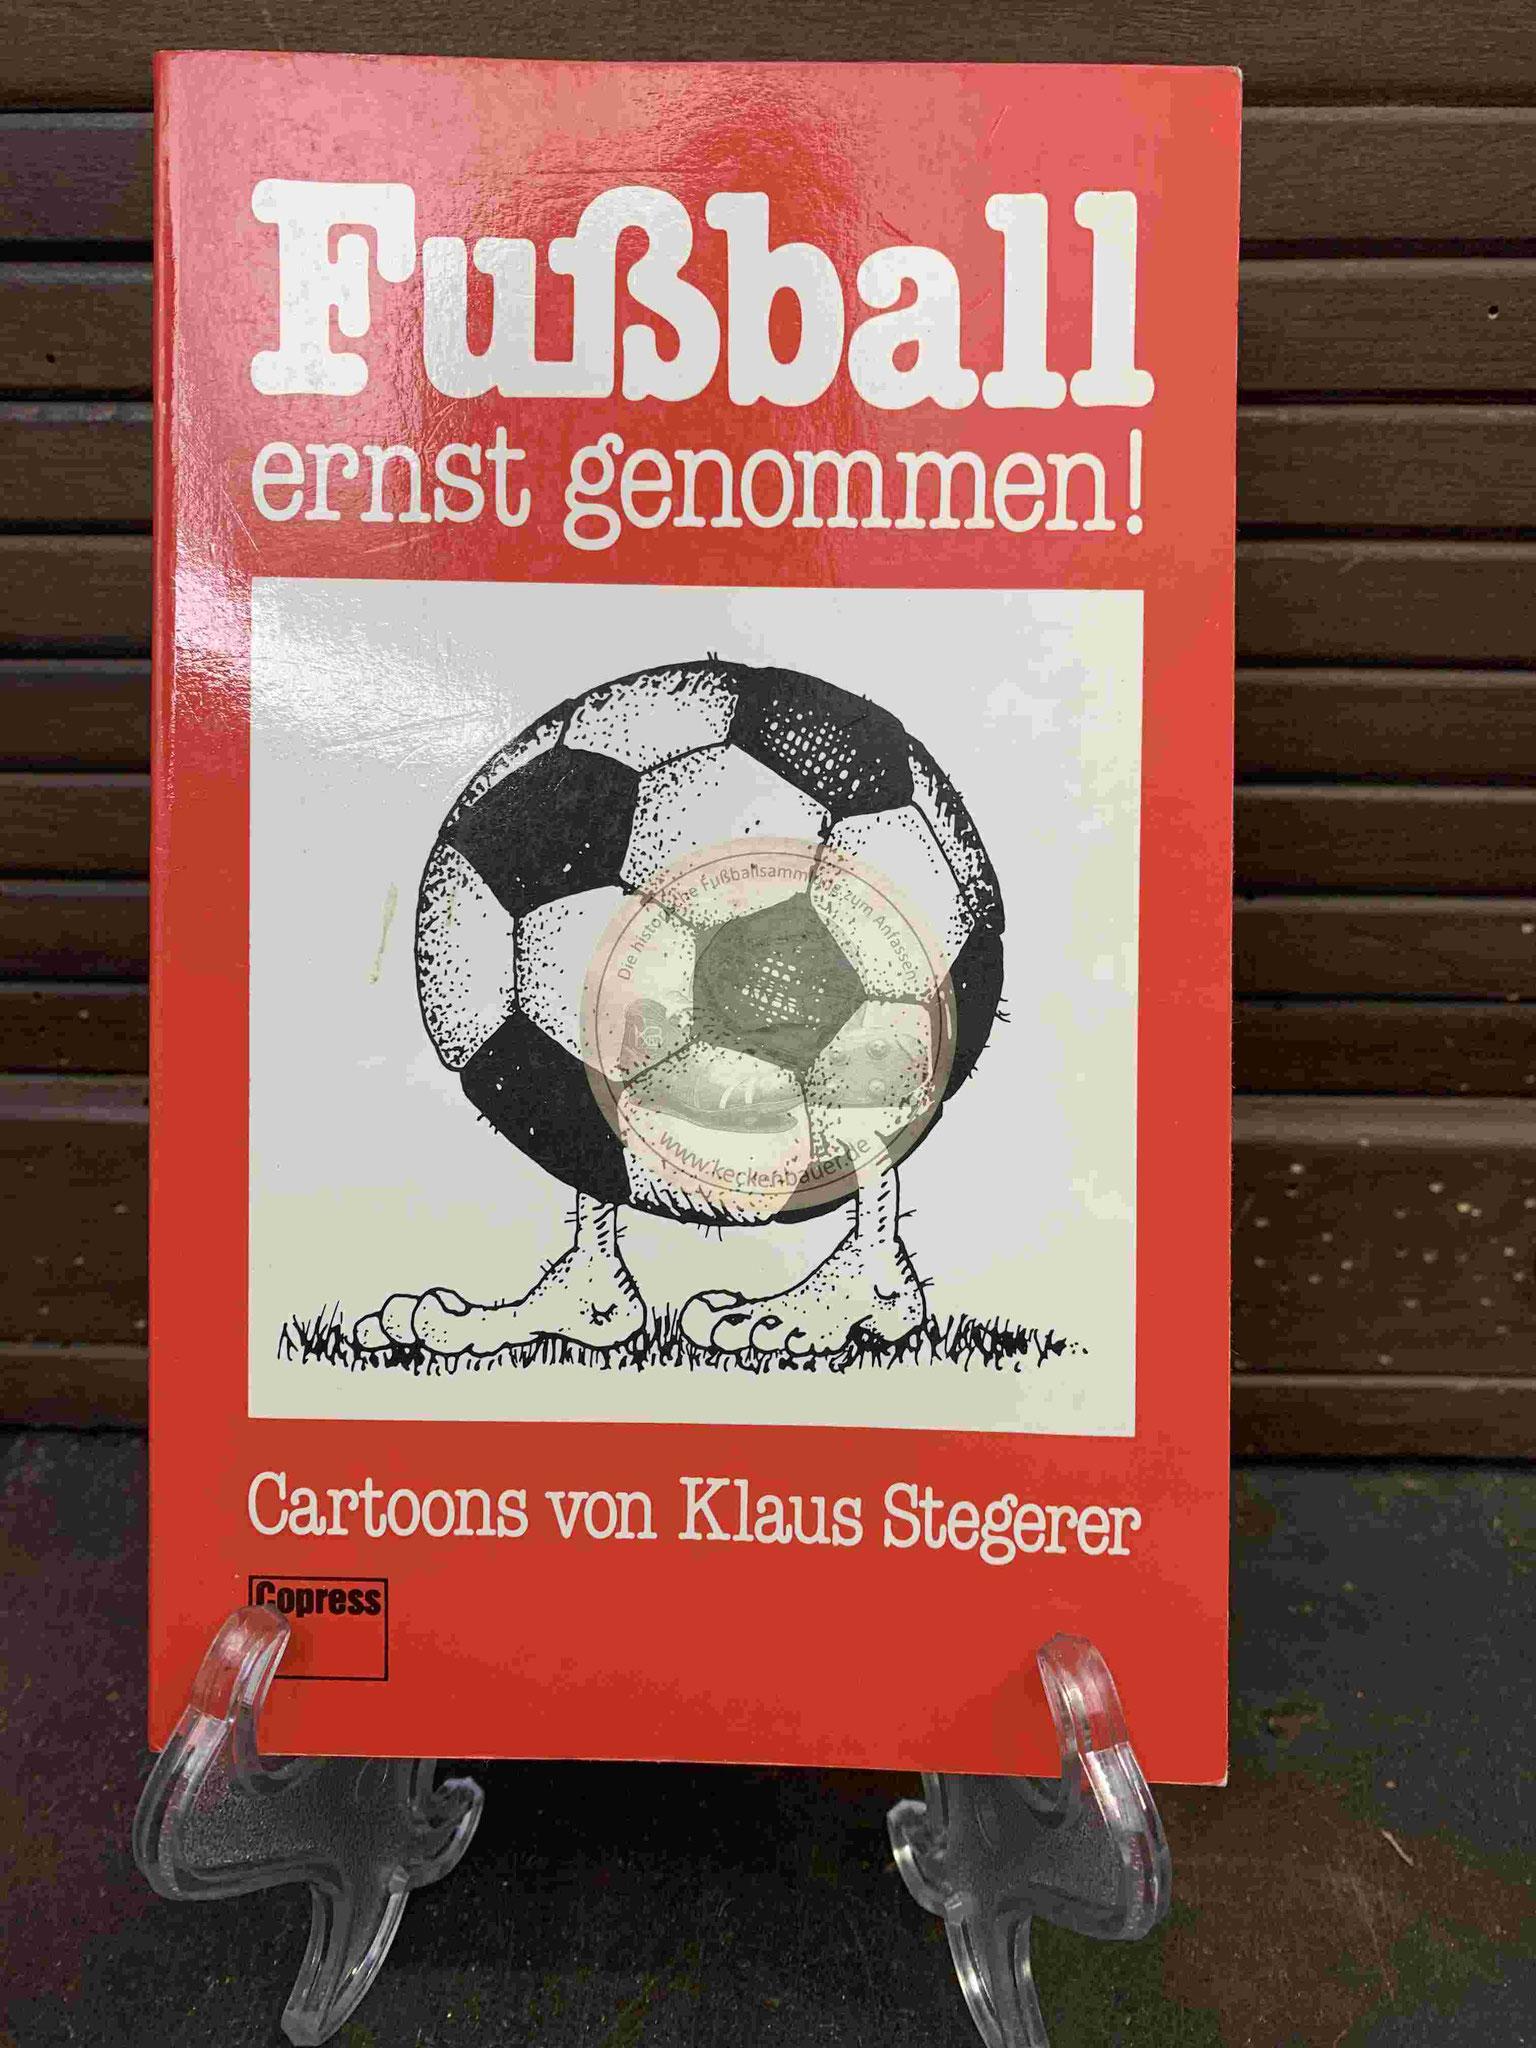 Fußball ernst genommen Cartoons von Klaus Steterer aus dem Jahr 1981